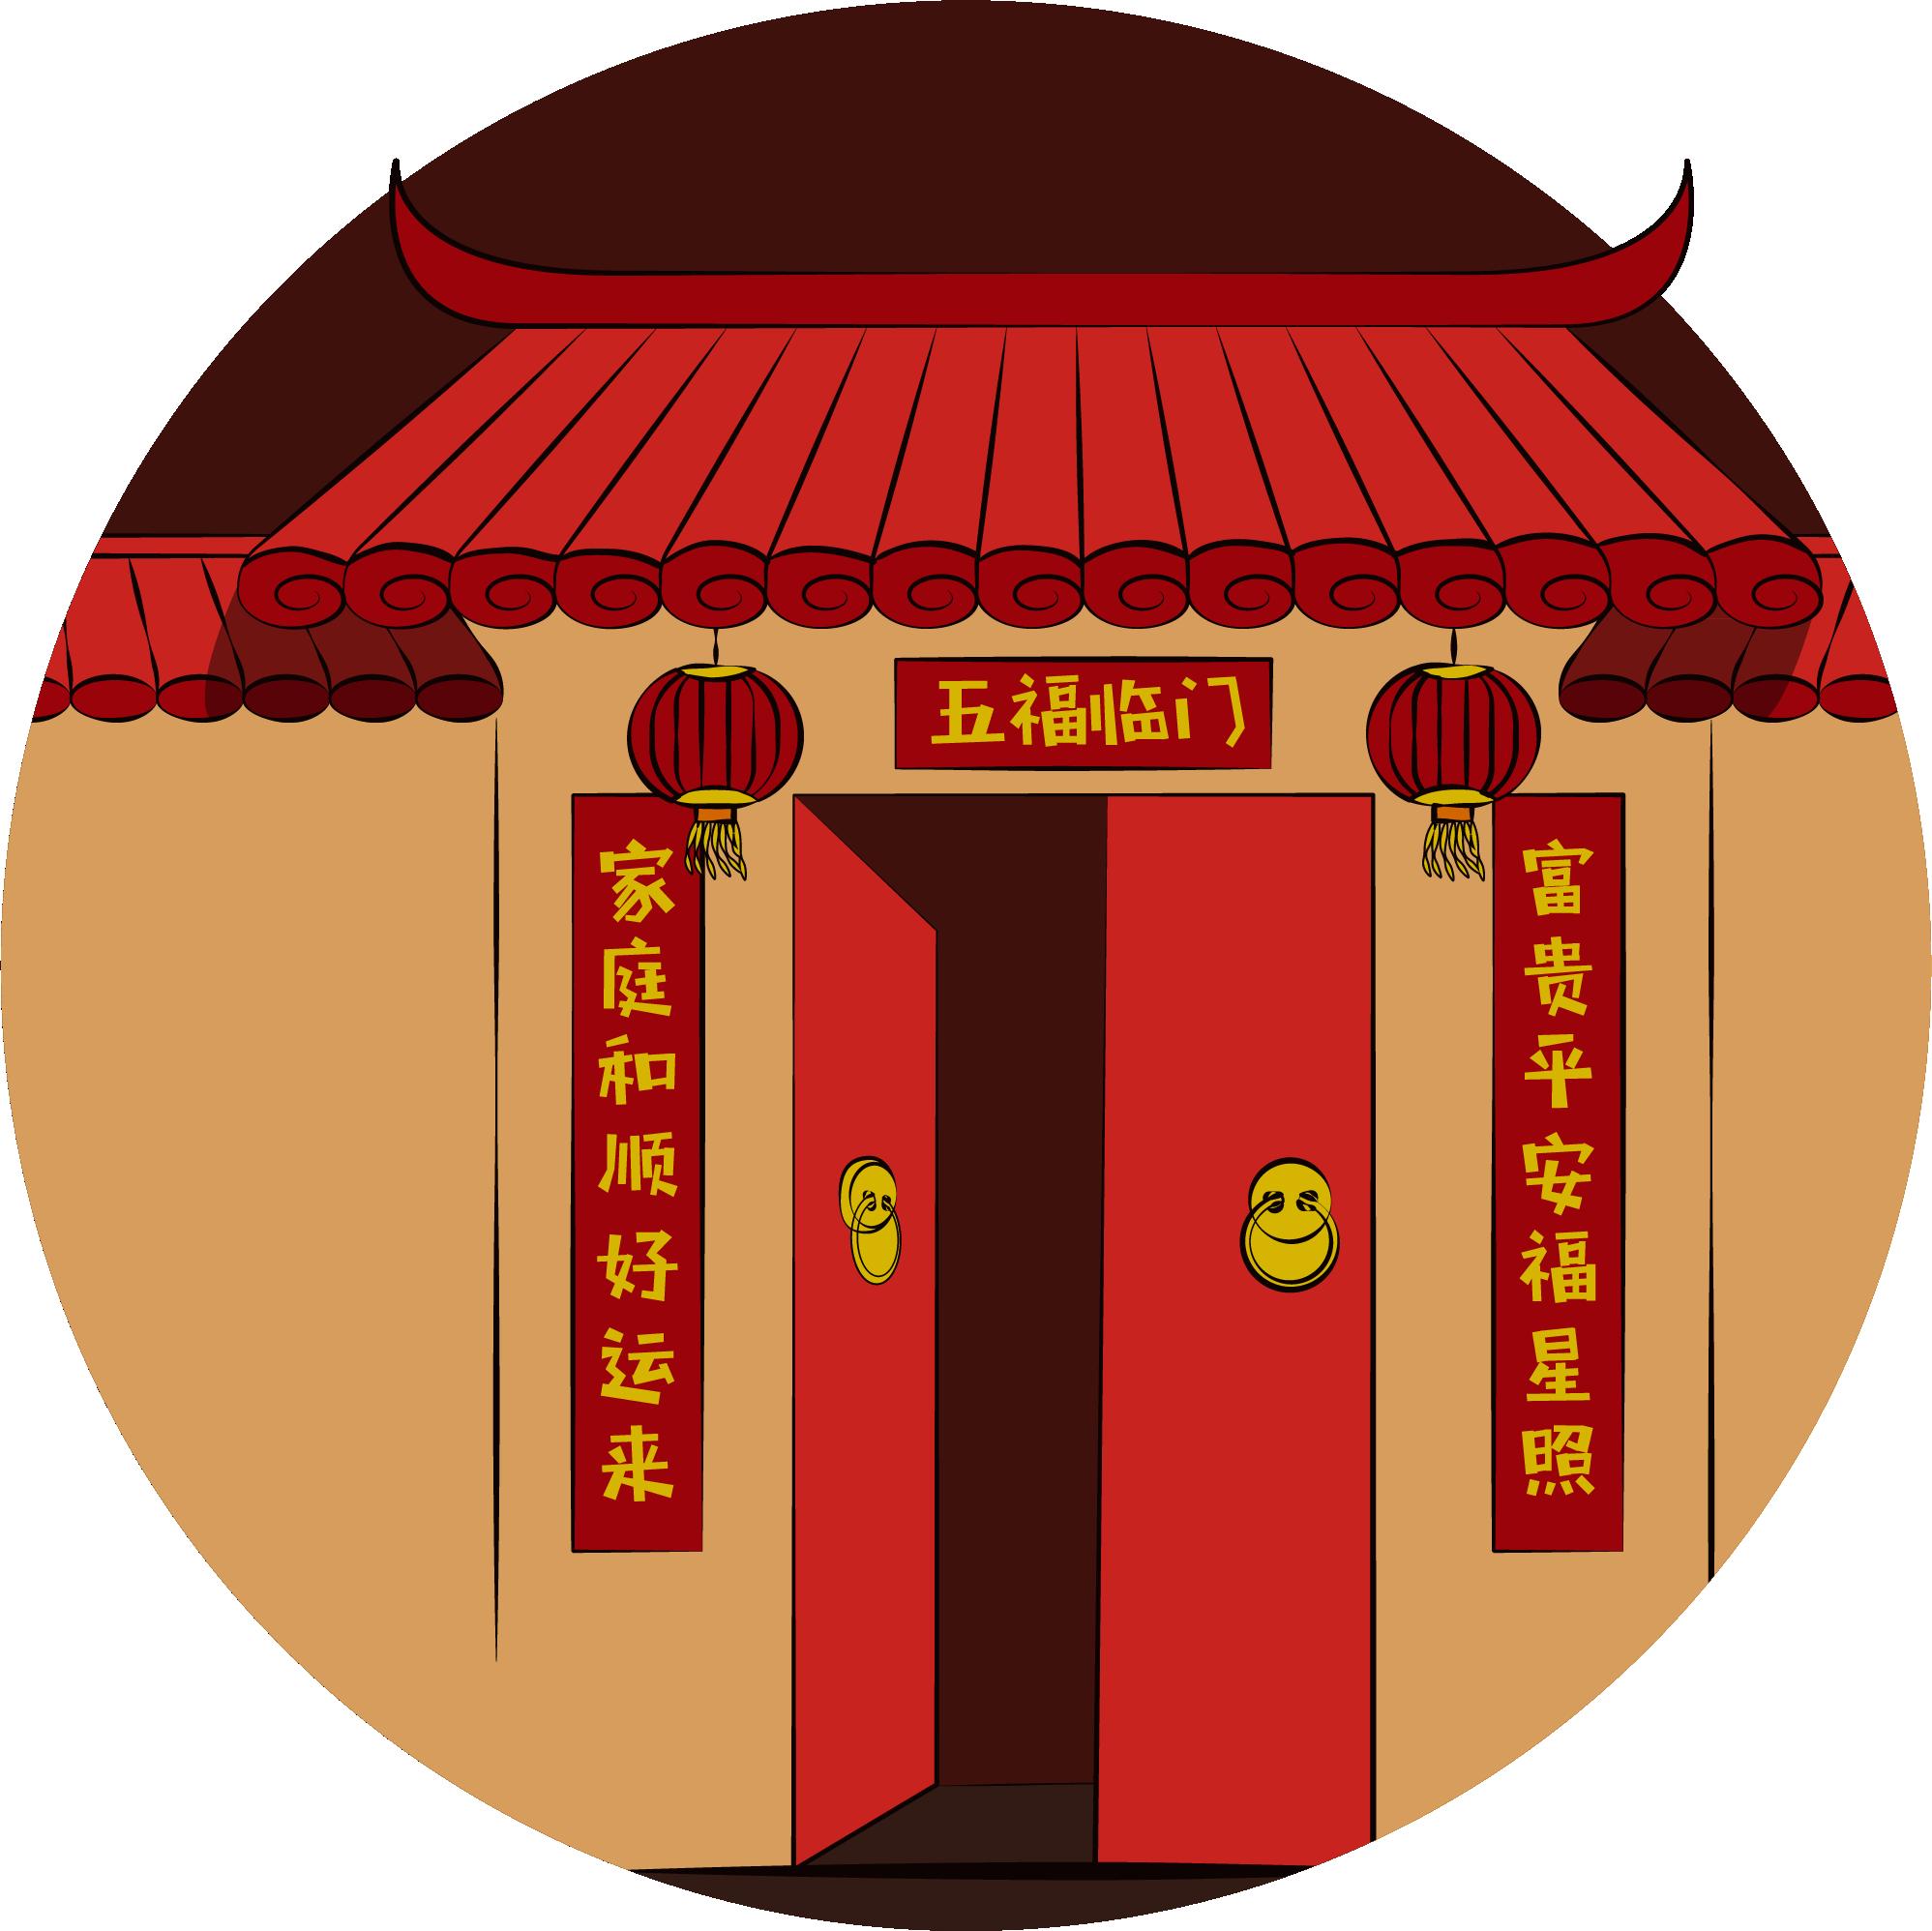 新年手工 | 中国祥瑞兽,陪你神气过新年!